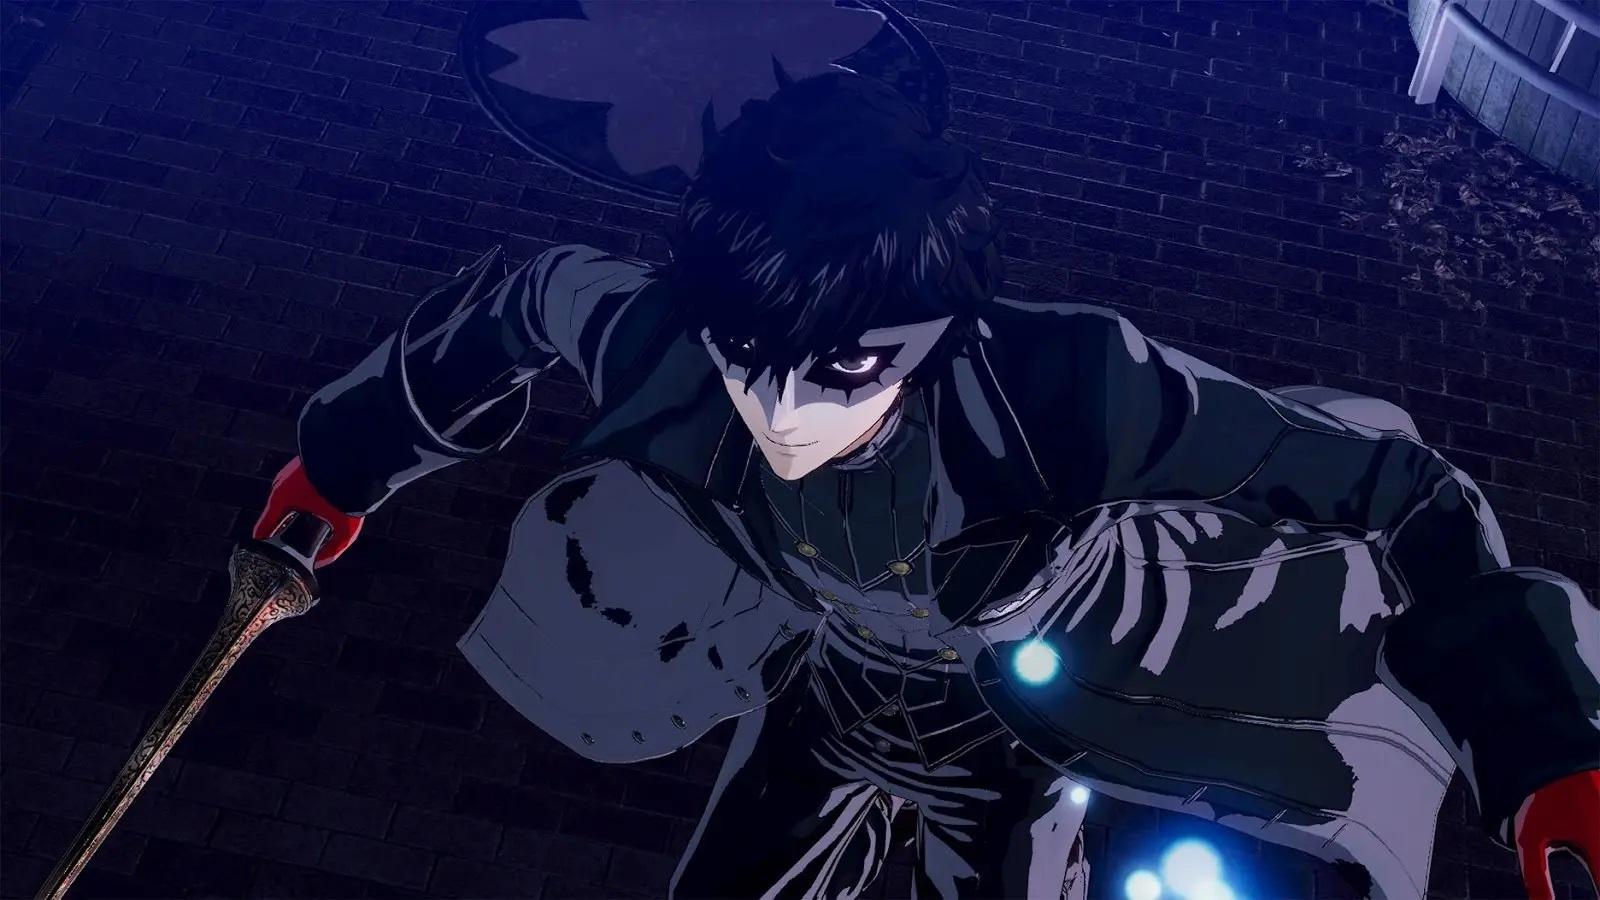 Cùng chiêm ngưỡng Trailer mới nhất của Persona 5 Strikers